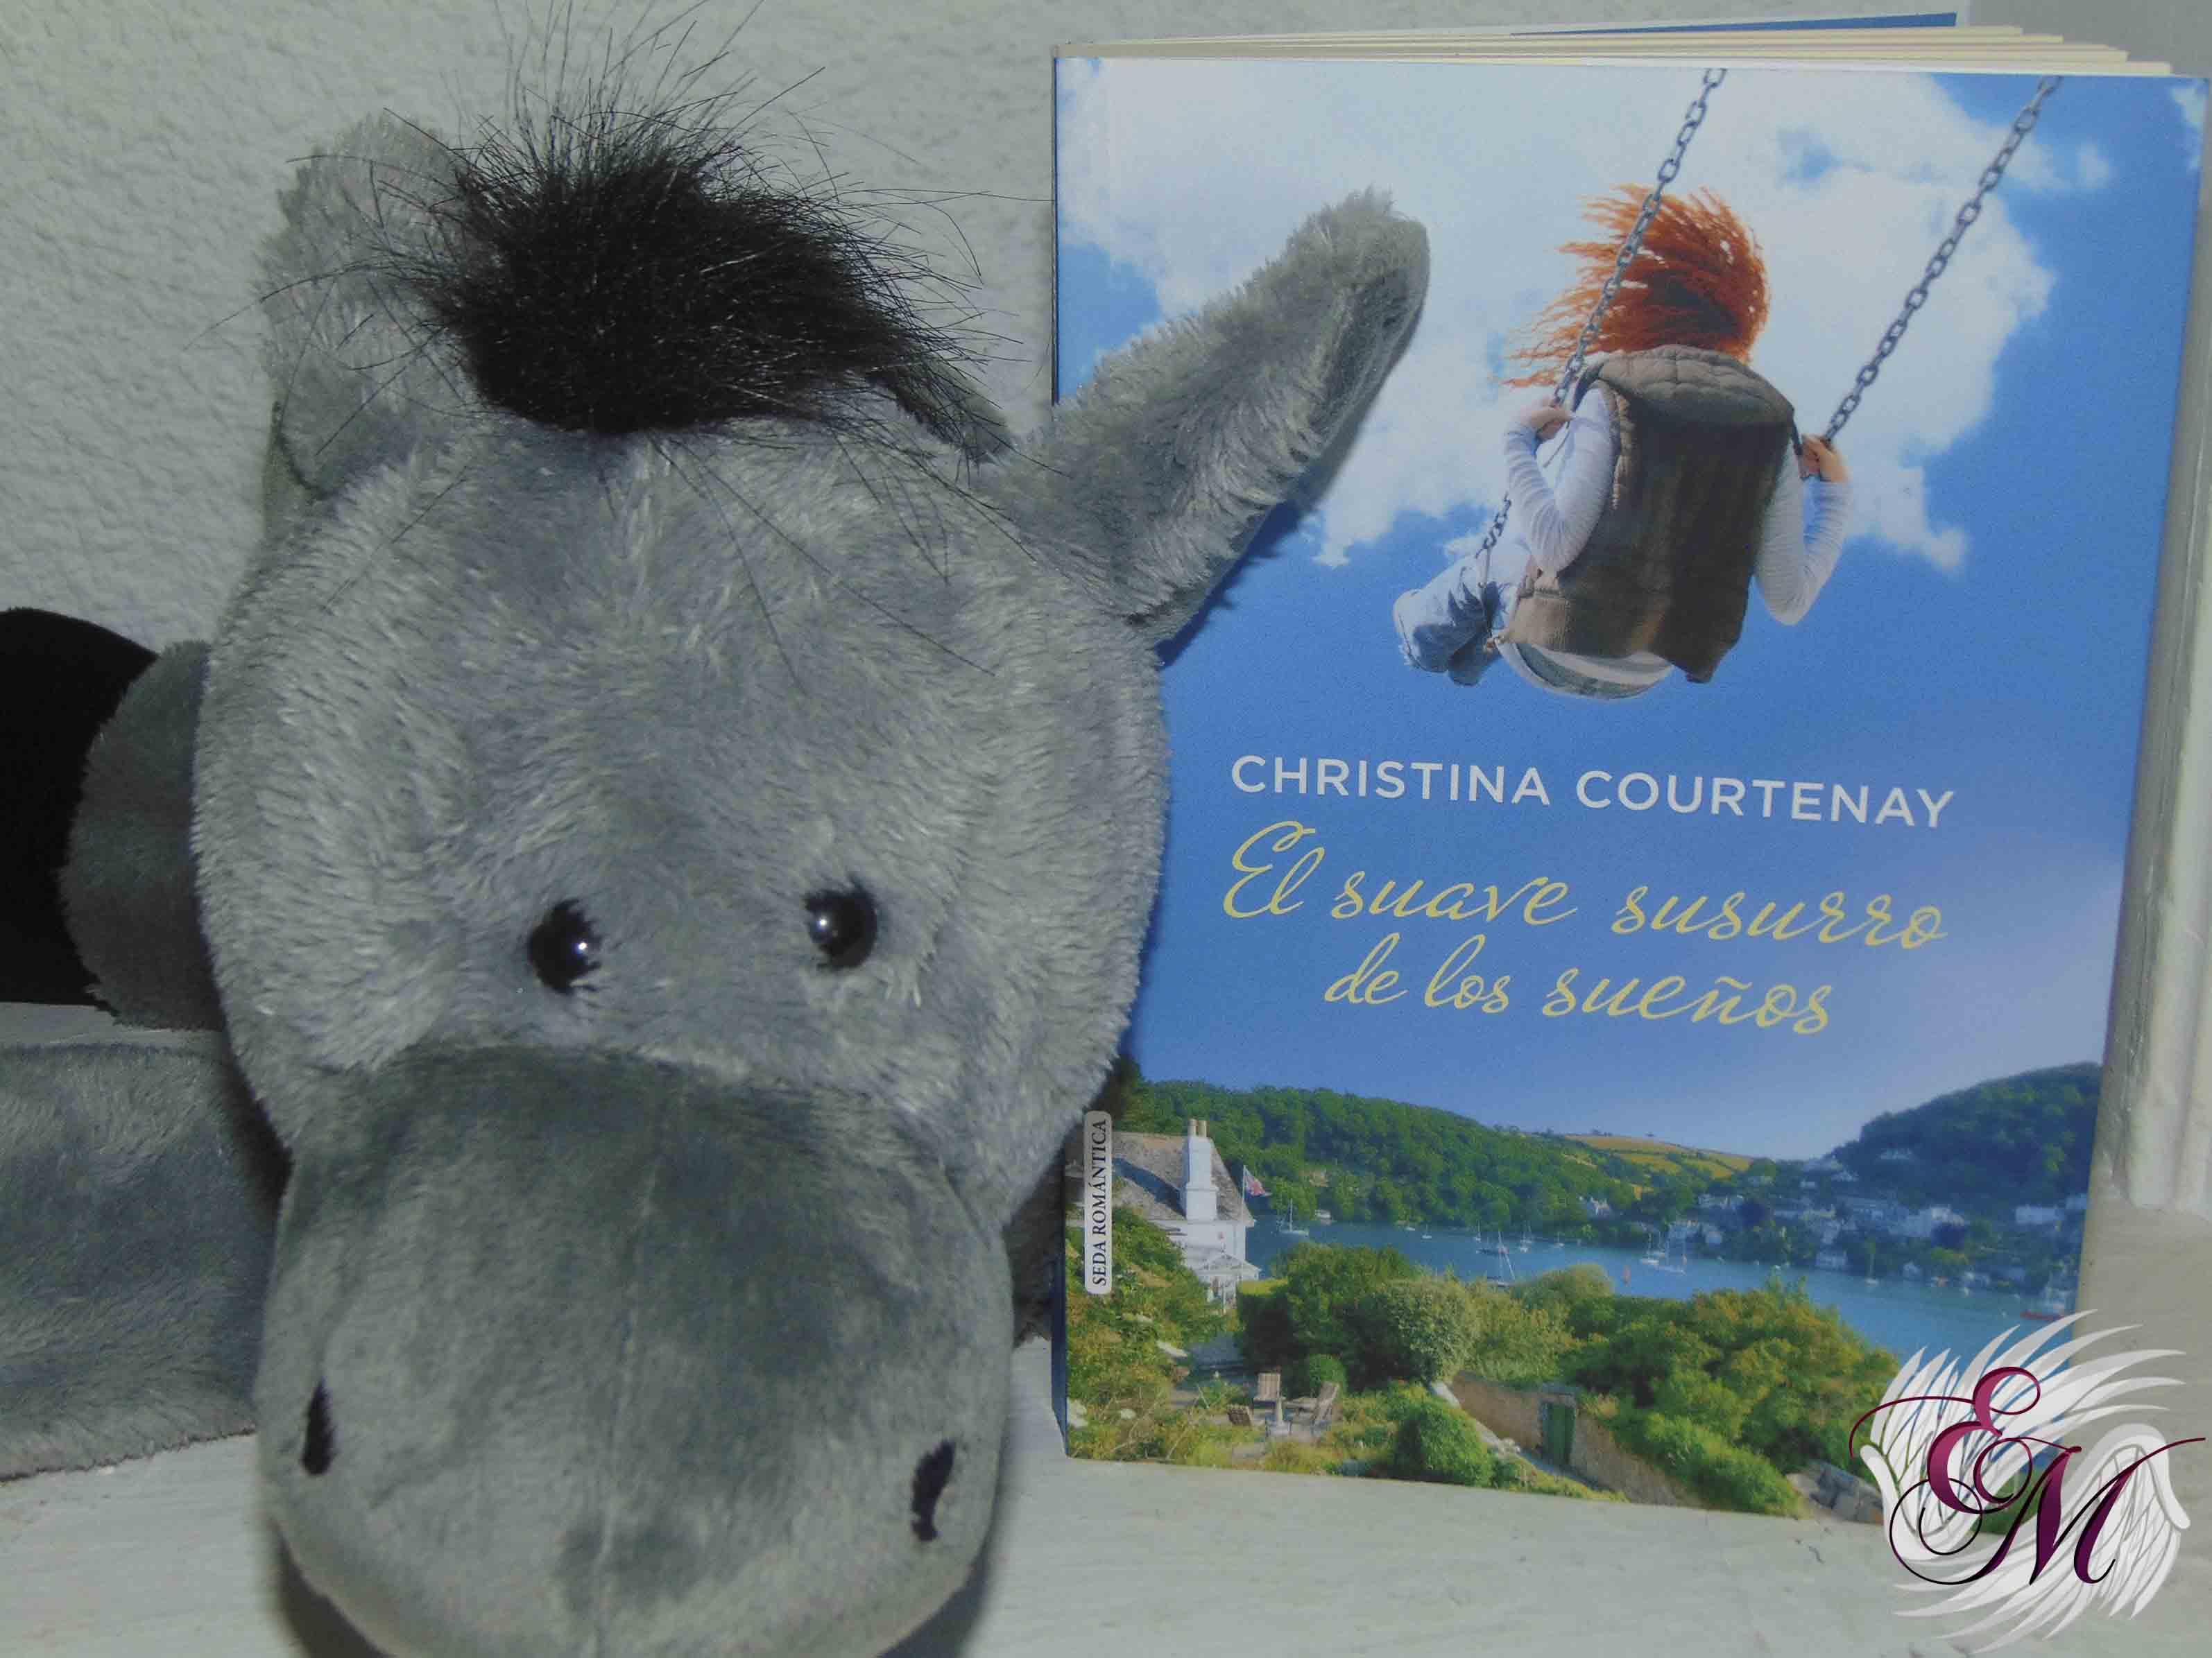 El suave susurro de los sueños, de Christina Courtenay - Reseña